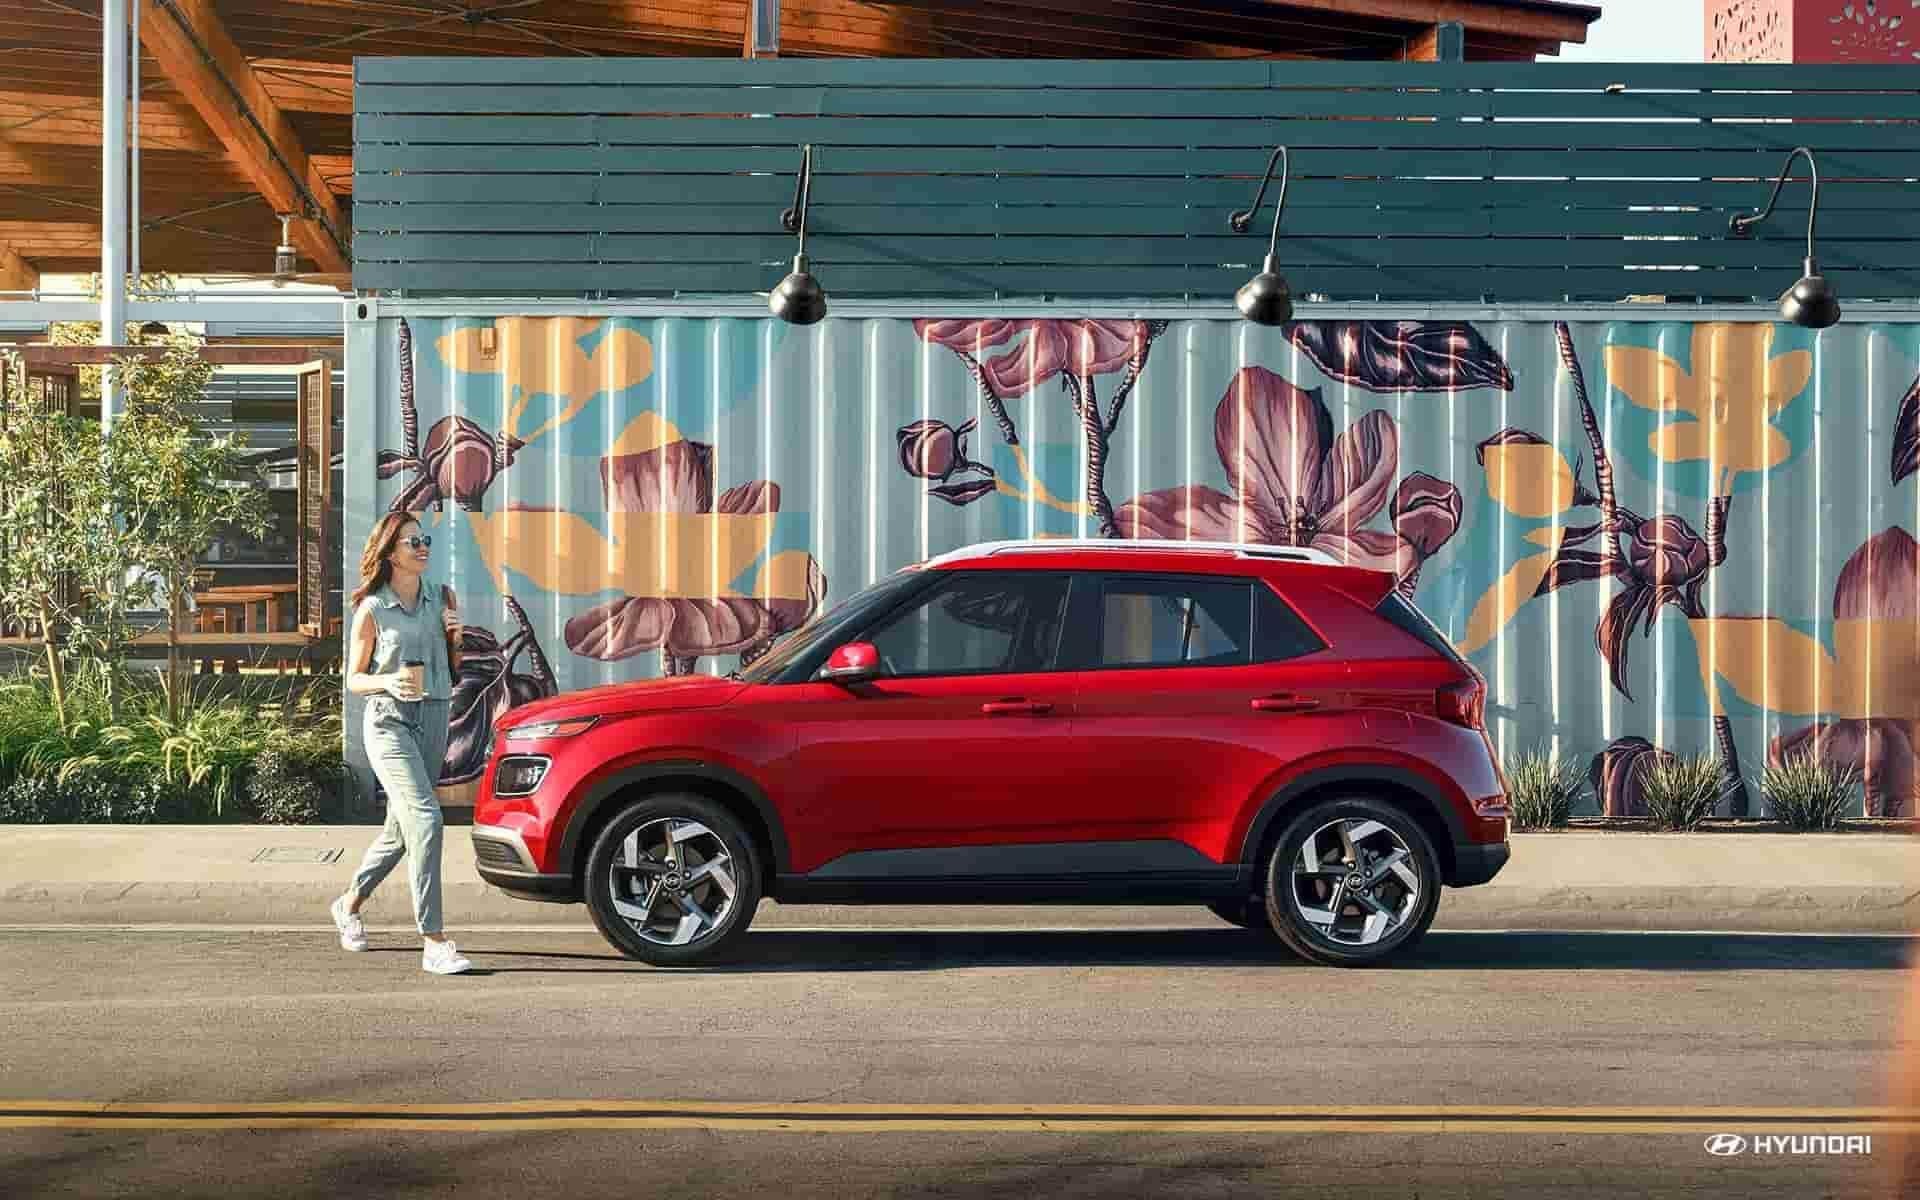 Get to know the 2020 Hyundai Venue near Long Island NY